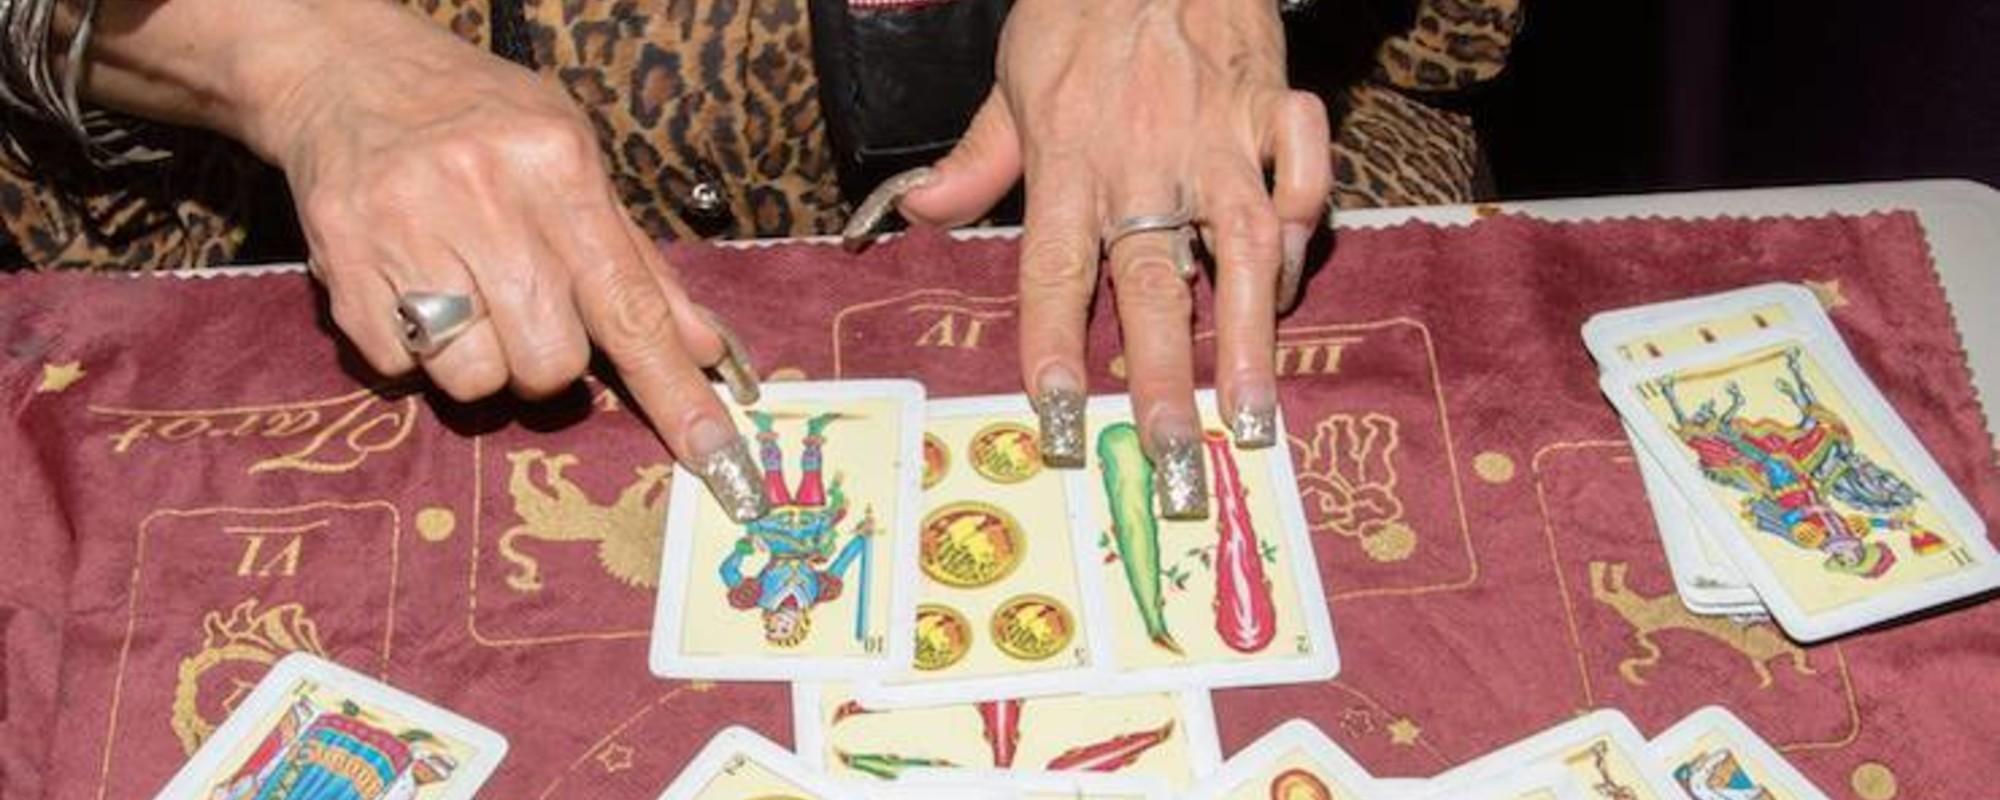 Bleší trh s čarodějnictvím, rituály a sexem